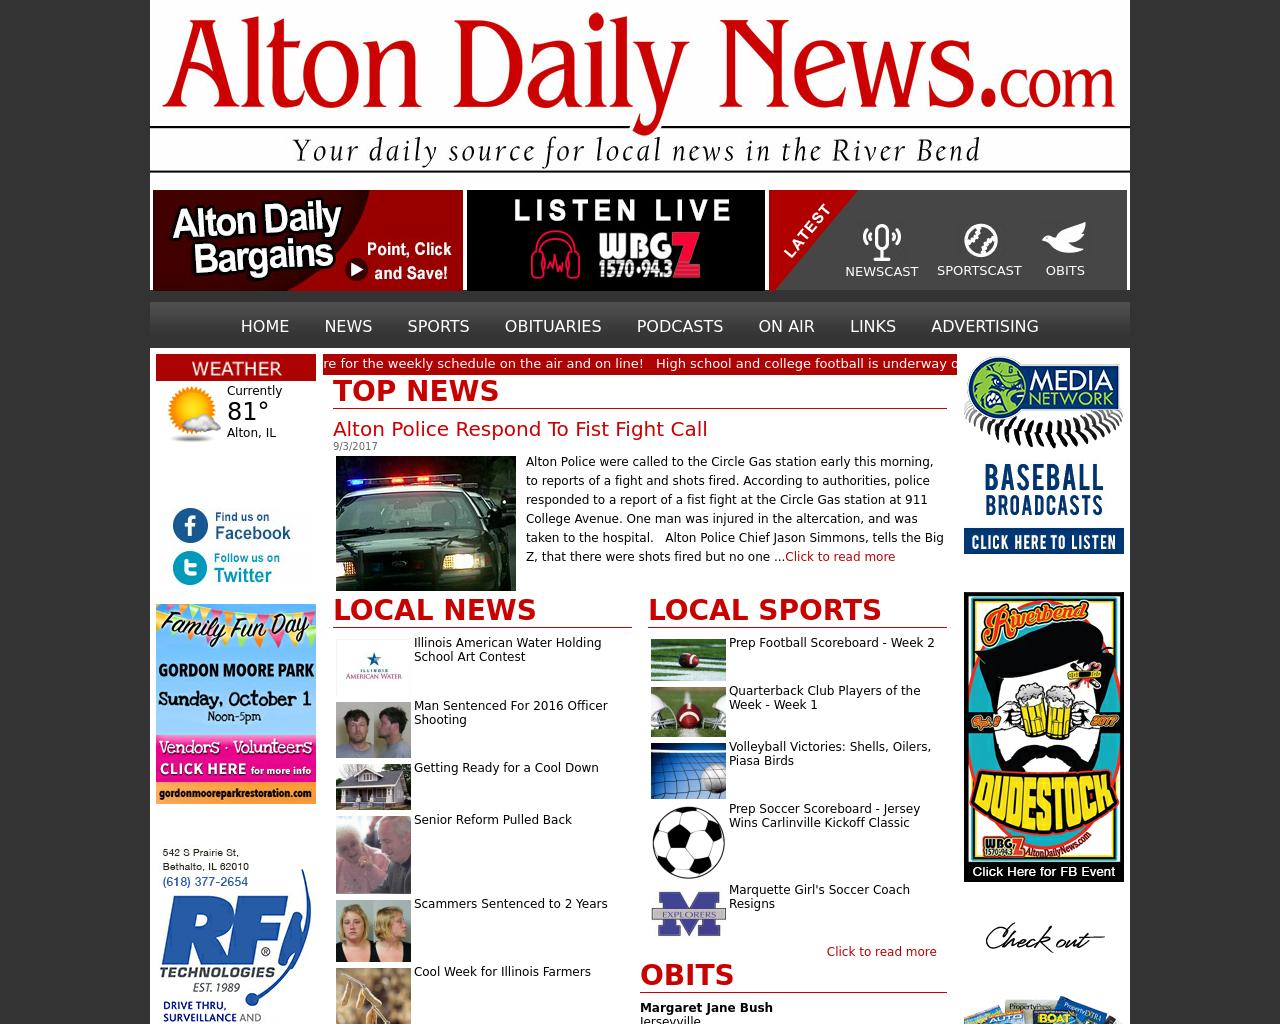 Alton-Daily-News.com-Advertising-Reviews-Pricing